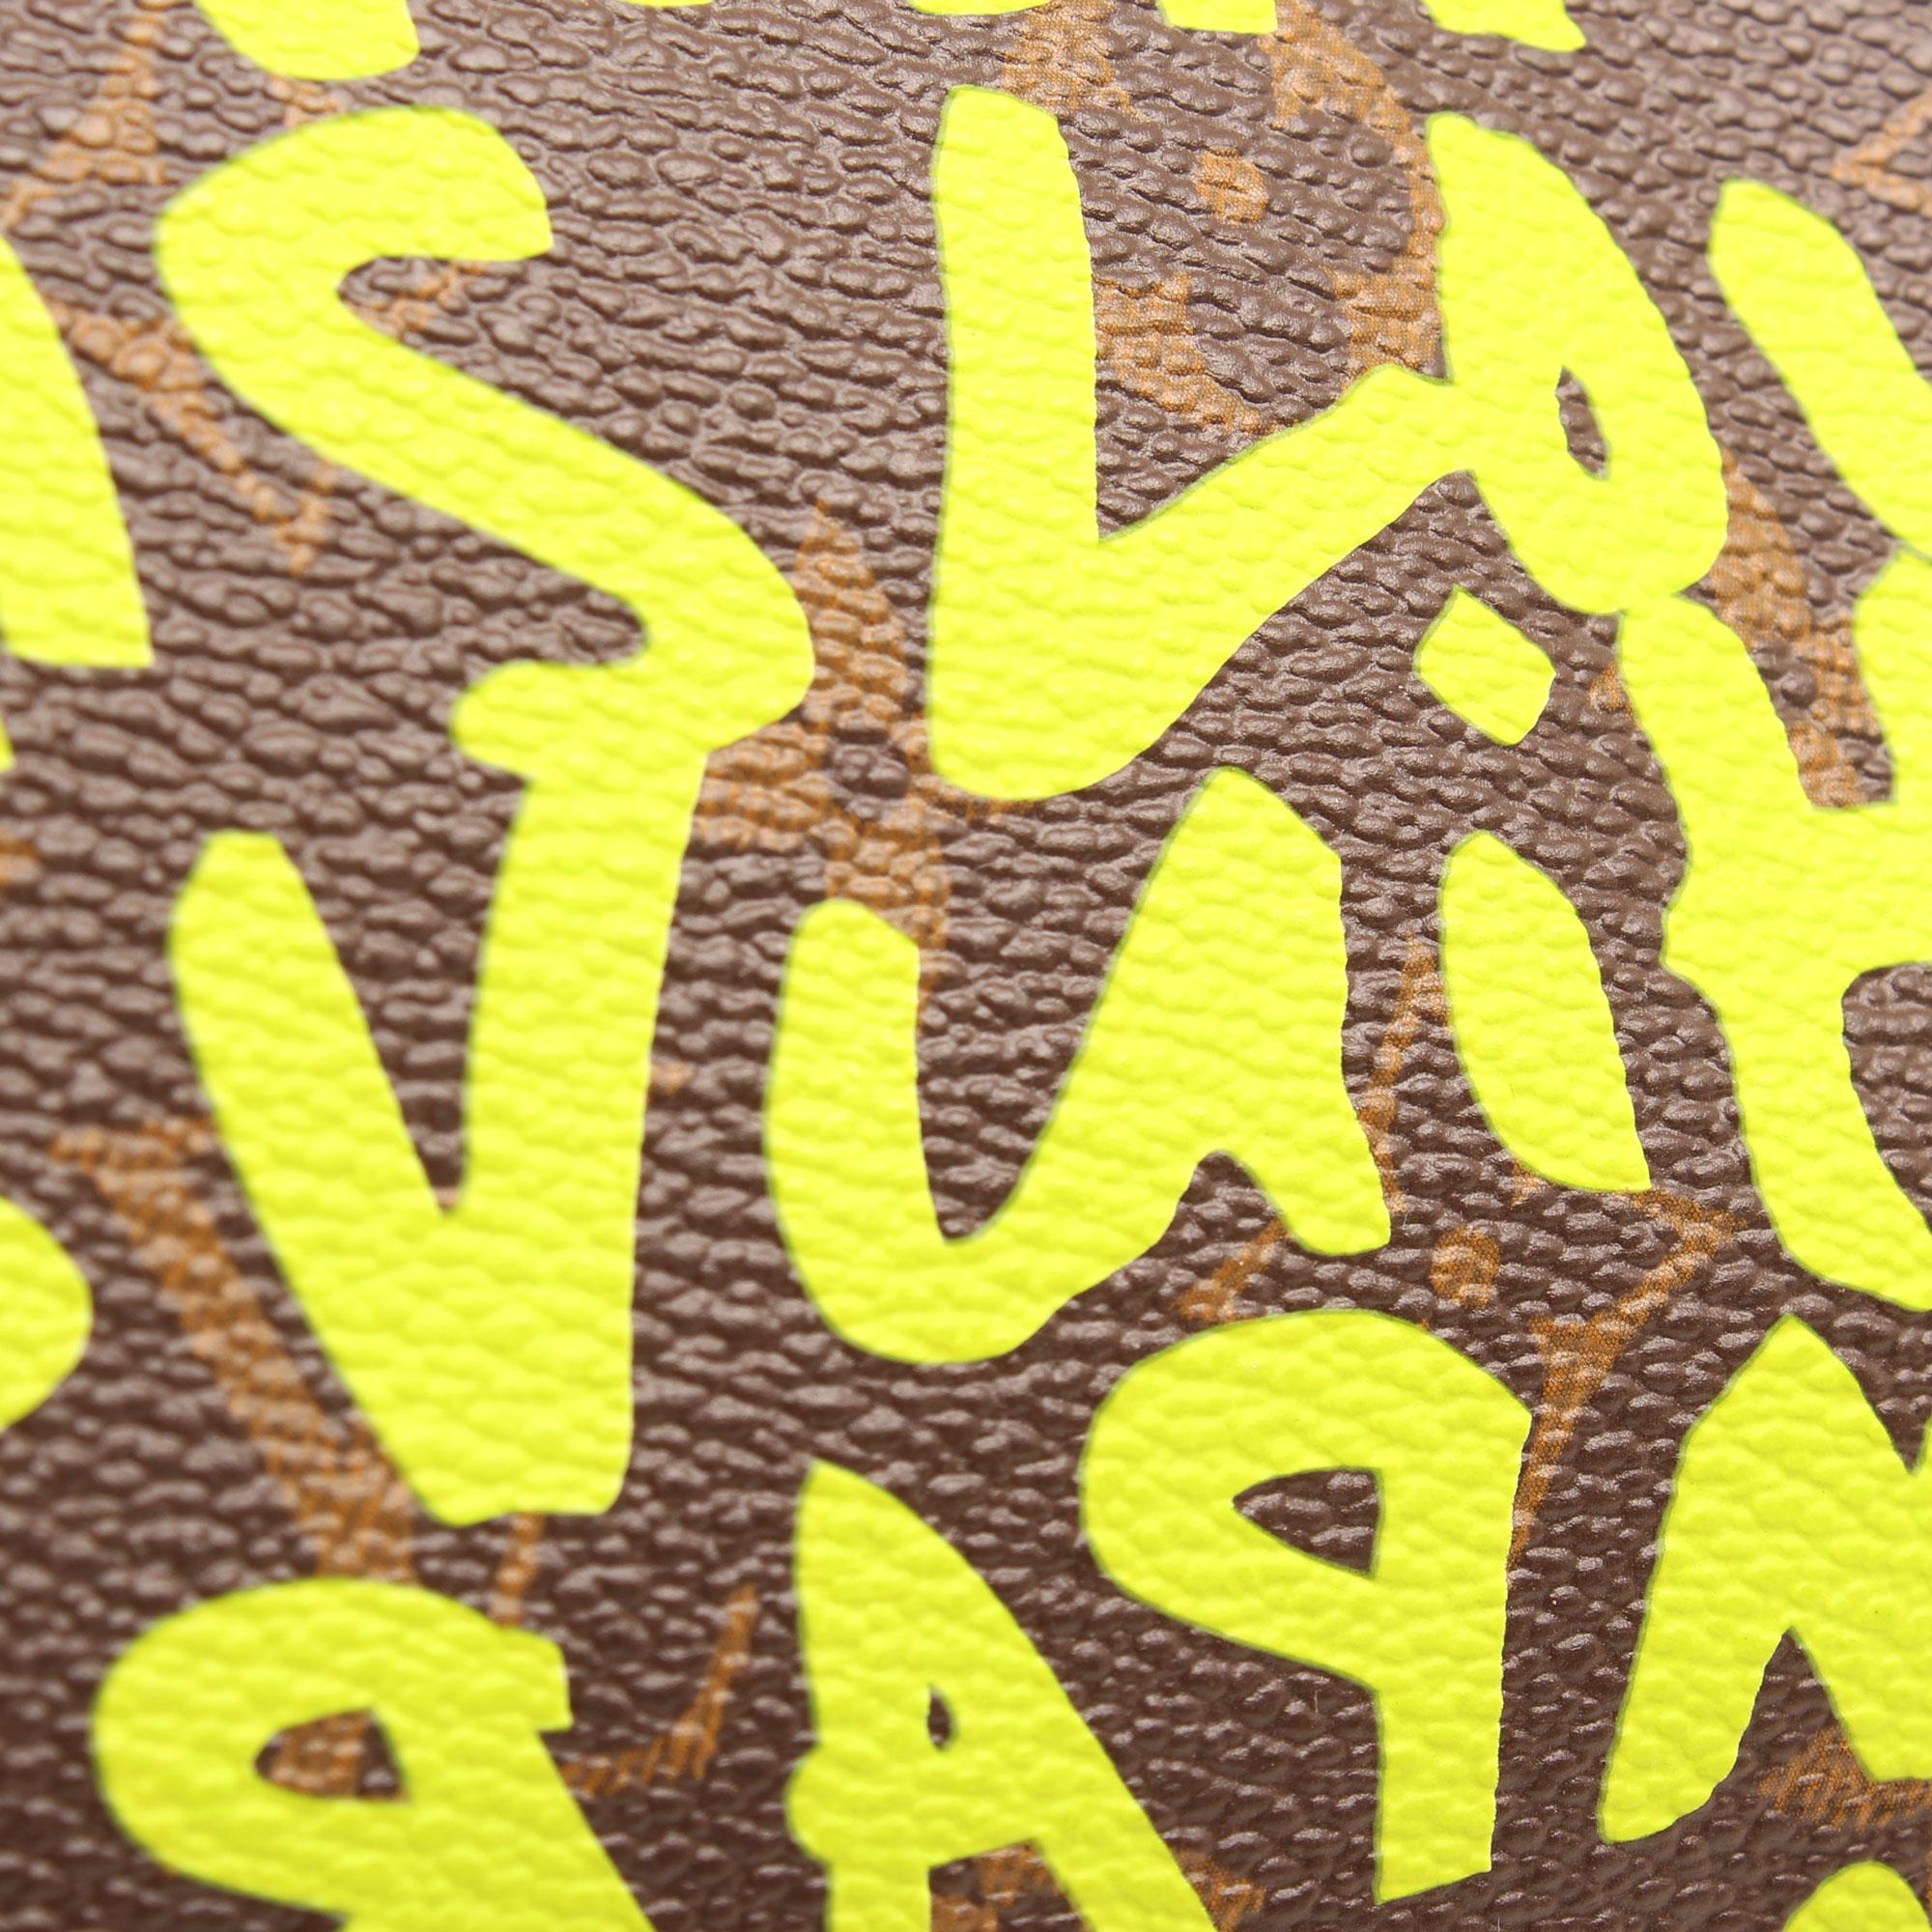 Imagen de detalle de la lona del bolso louis vuitton speedy 30 graffiti verde